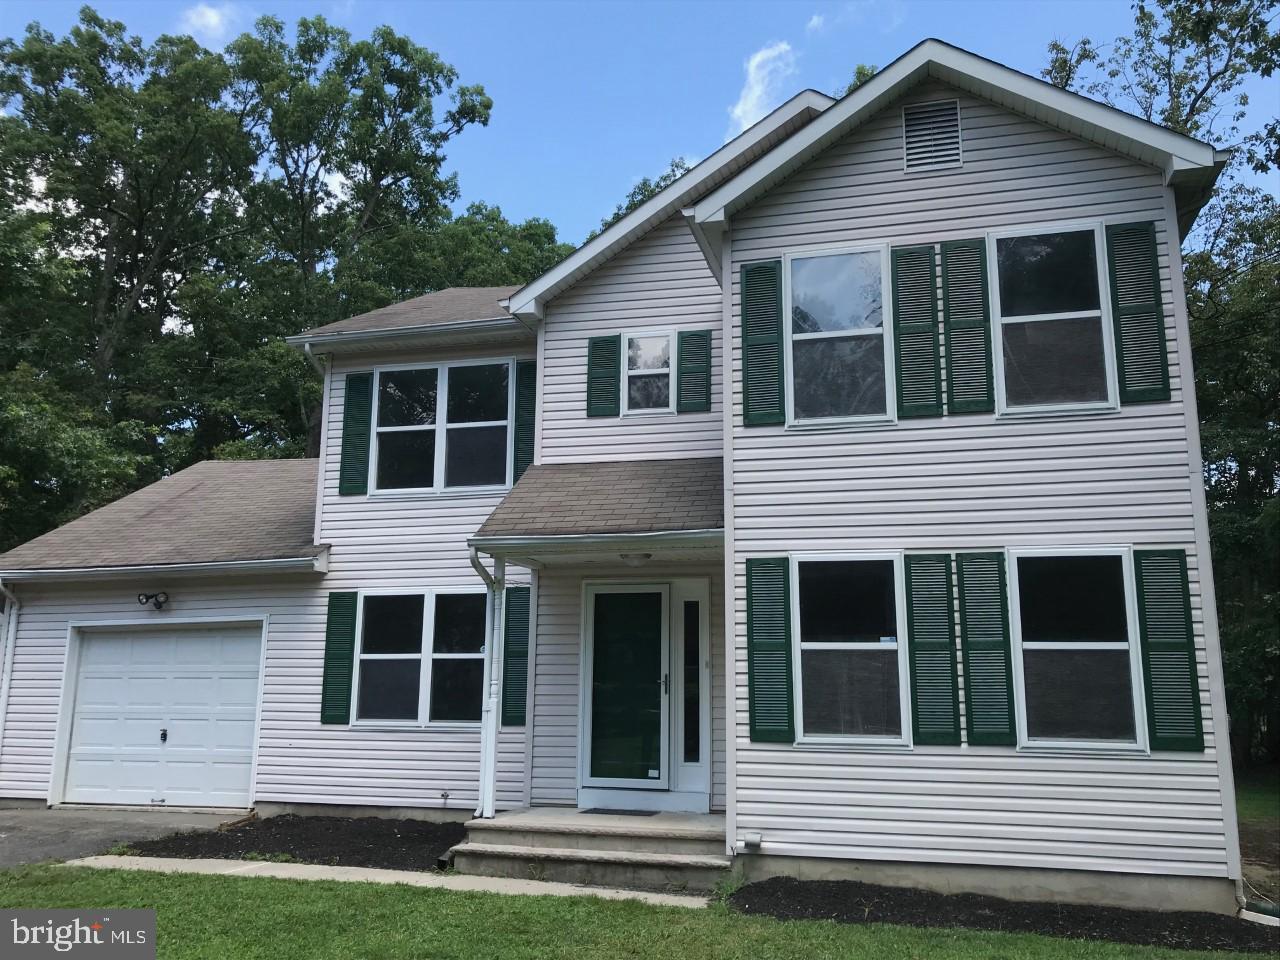 502 PEMBERTON BOULEVARD, BROWNS MILLS, NJ 08015